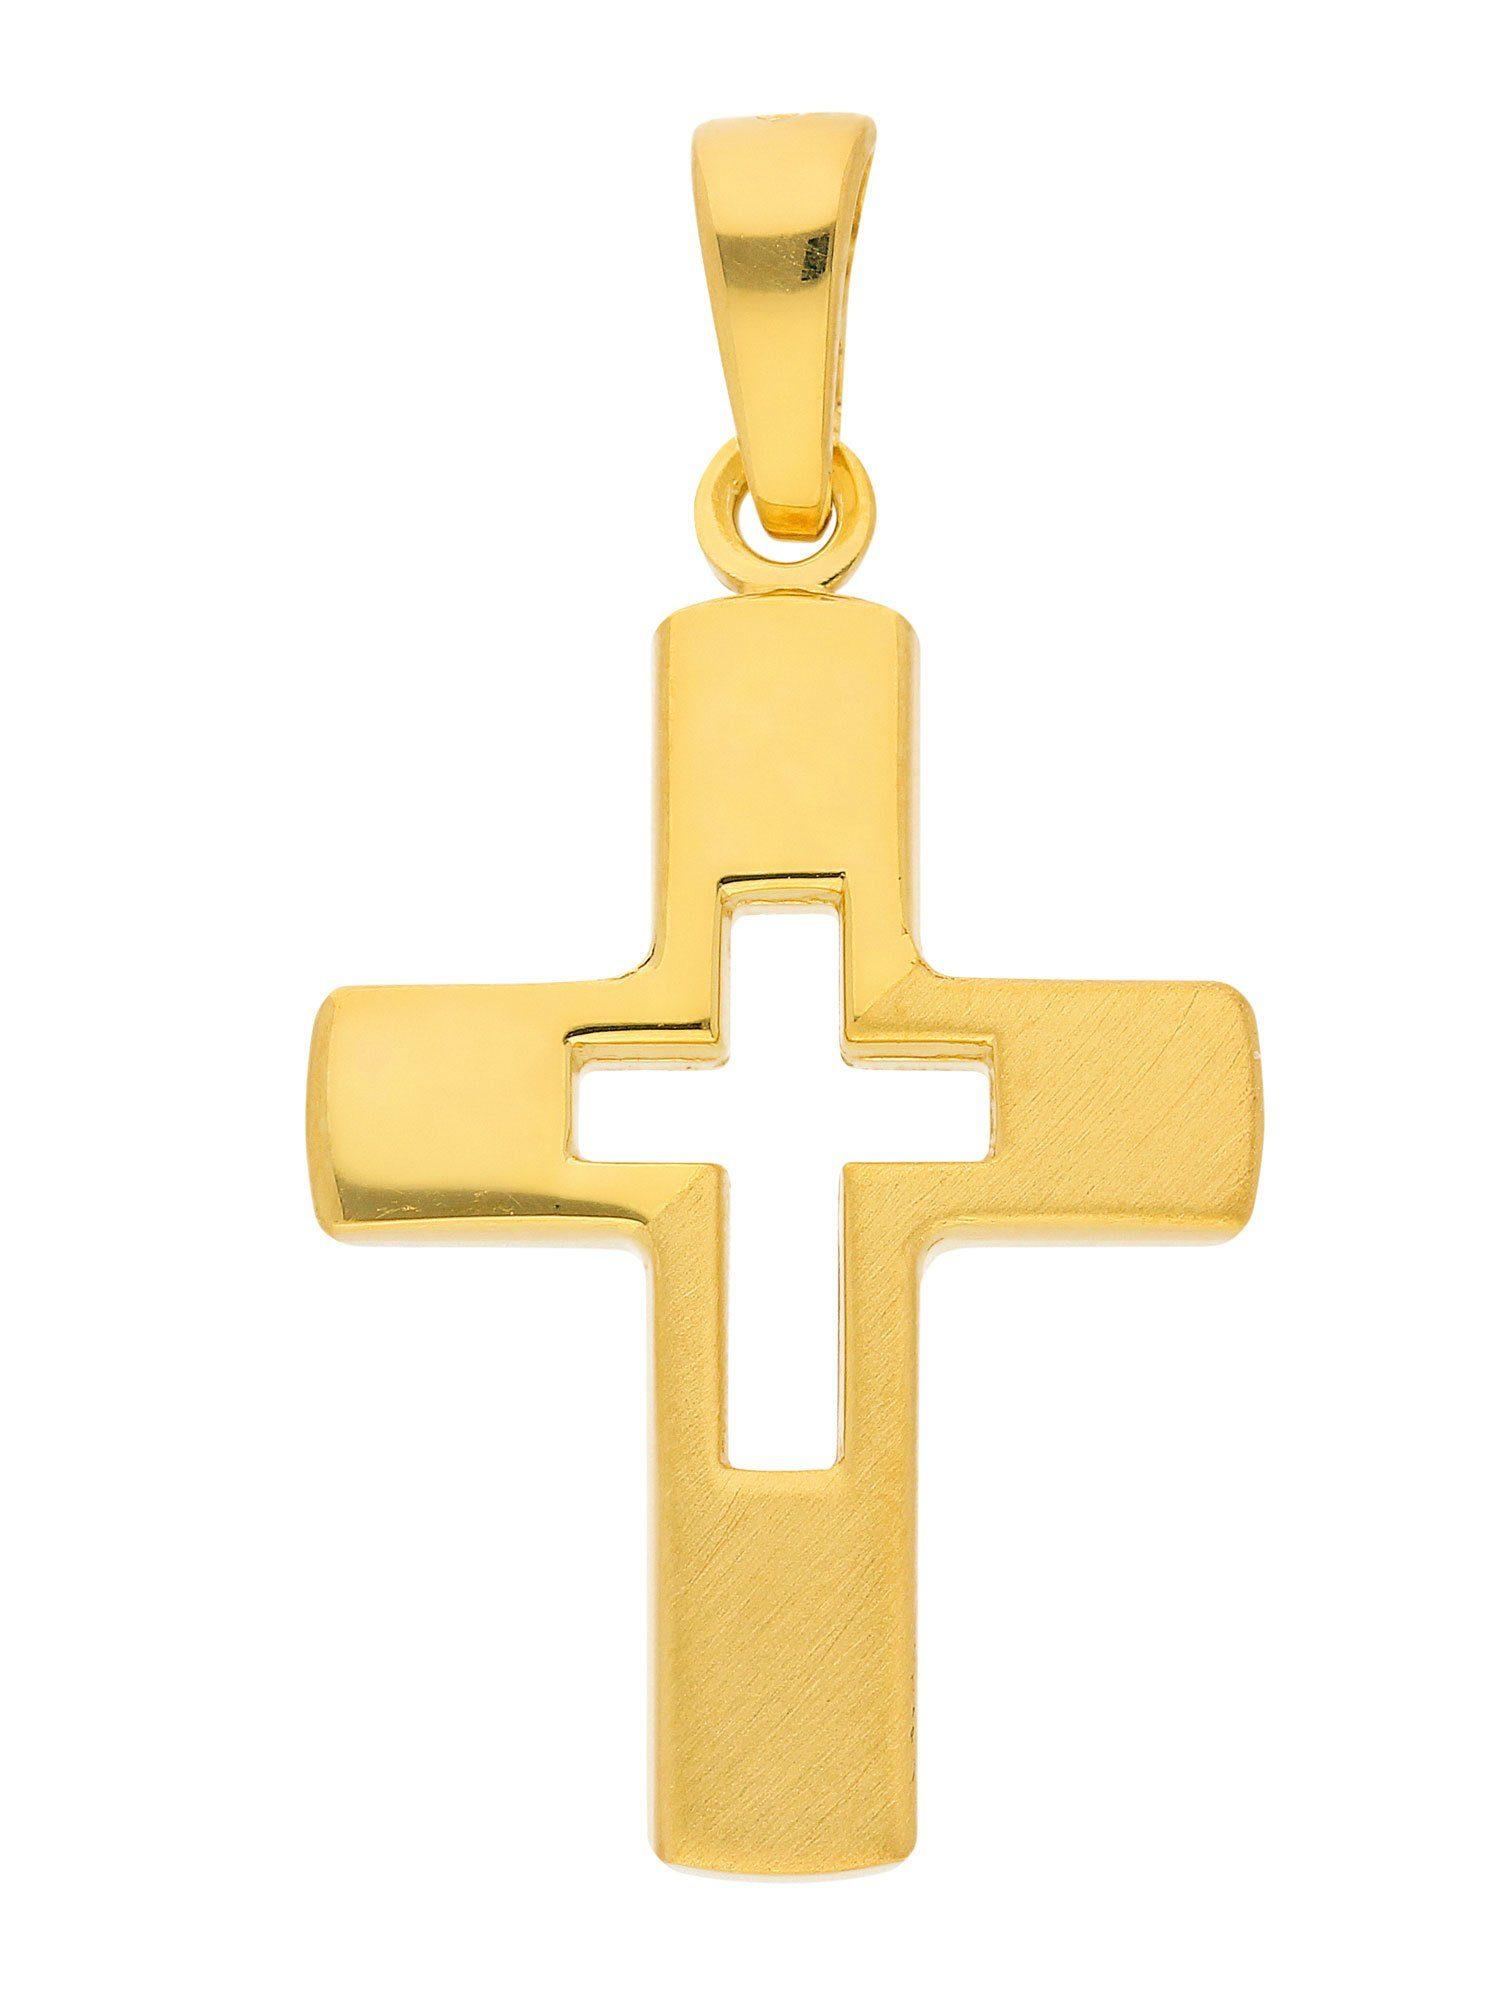 Adelia´s Kettenanhänger »Silber Anhänger« 925 Sterling Silber vergoldet